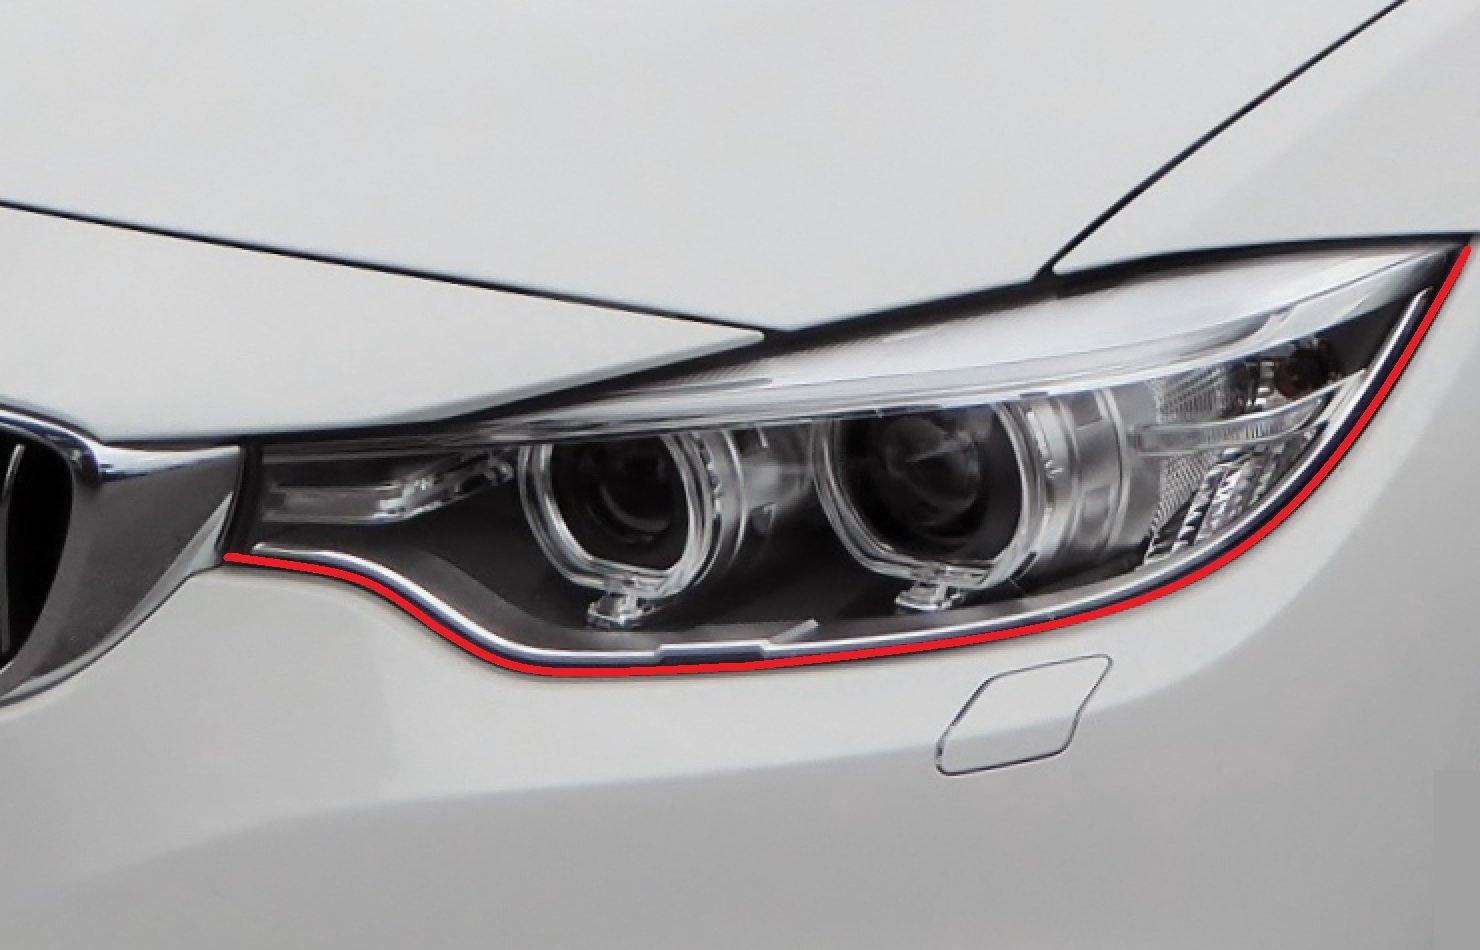 passend f/ür Ihr Fahrzeug Devil Teufel Scheinwerfer Aufkleber Stripes Eye in rot